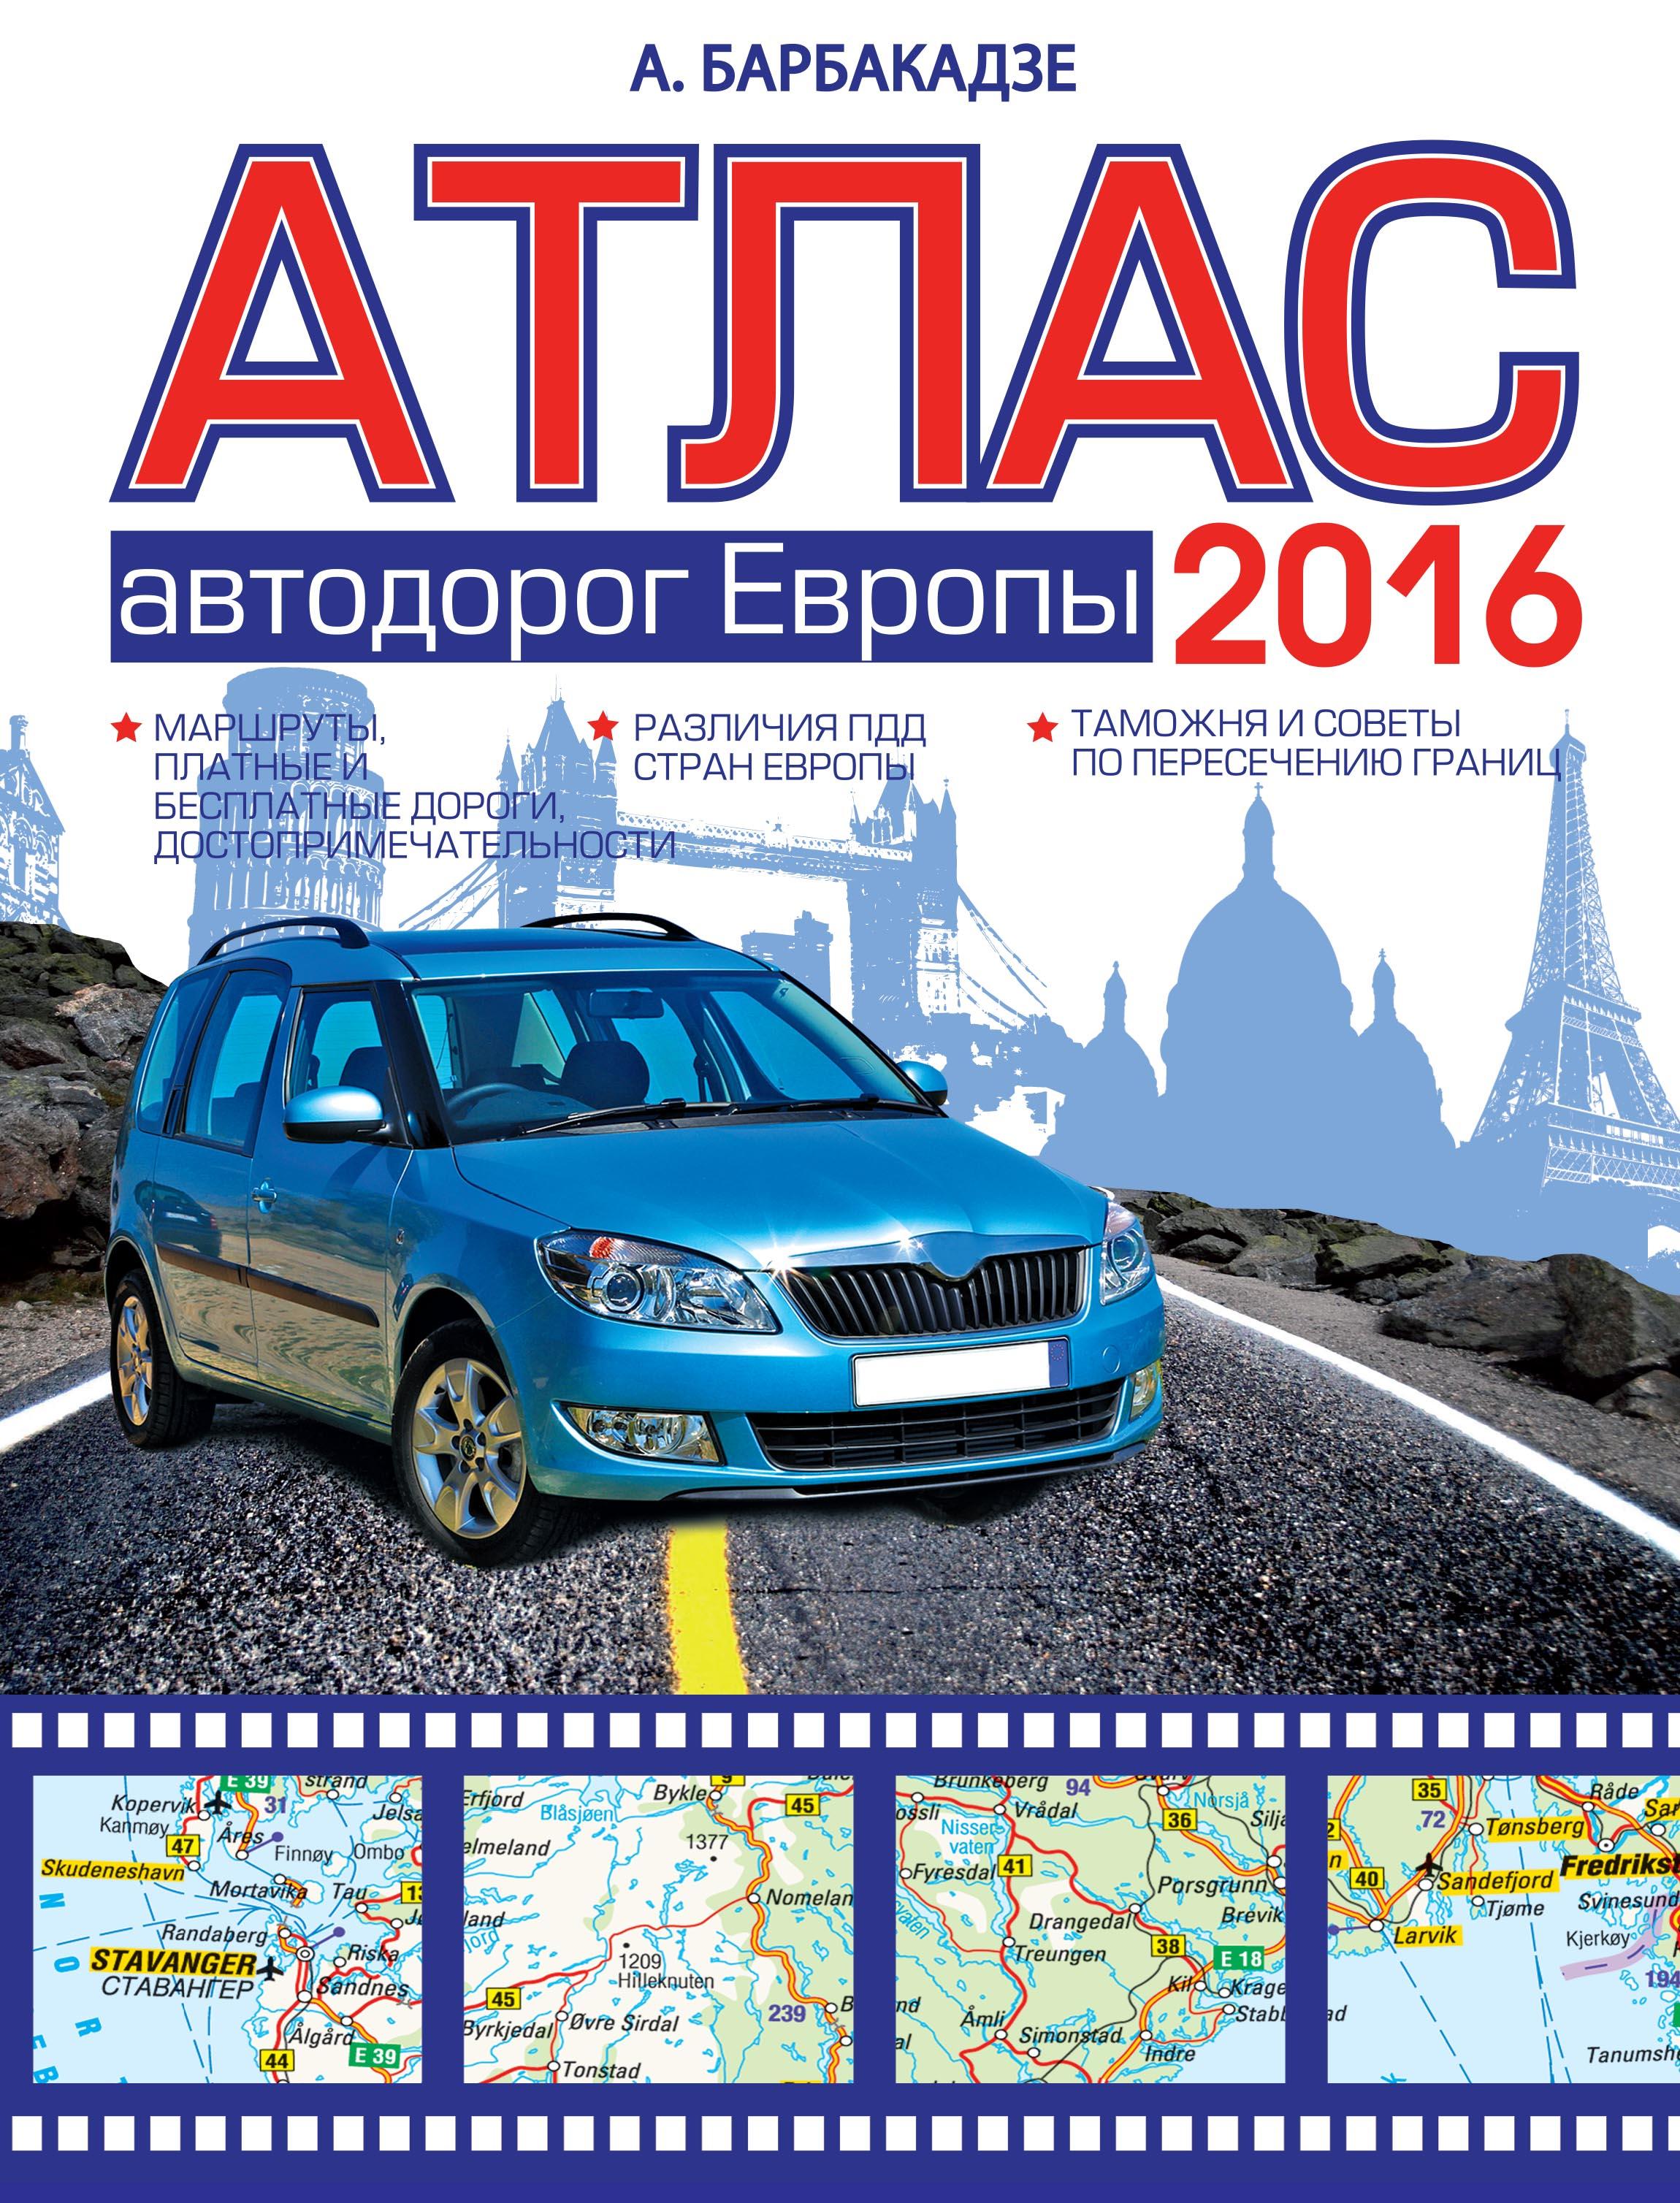 Атлас автодорог Европы 2016 ( Барбакадзе А.О.  )